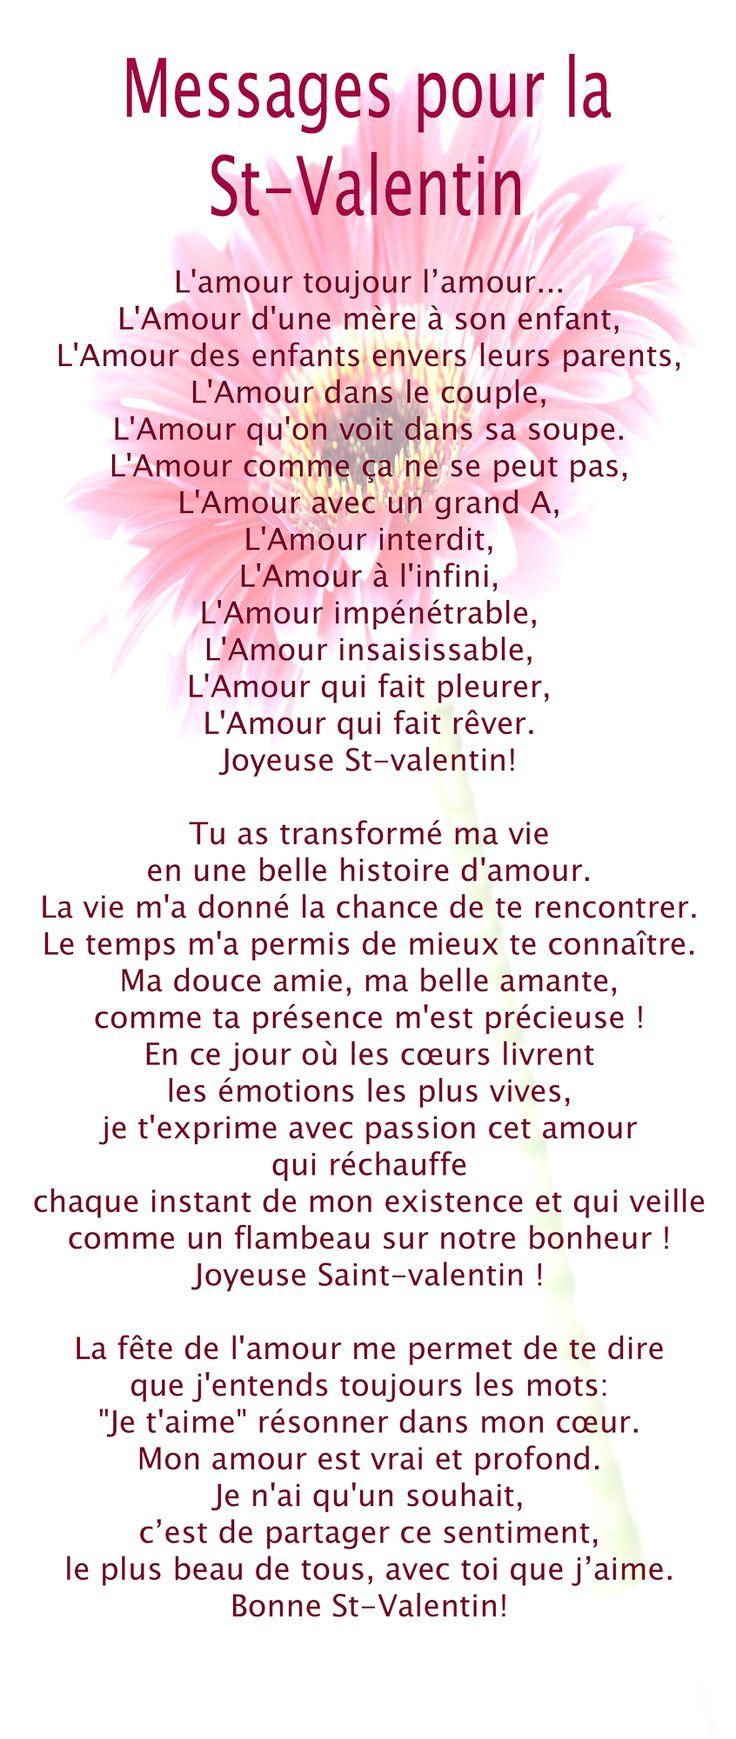 Cliquer ici: http://www.pinterest.com/jbraultphoto/mes-cartes-my-cards/ pour choisir une carte à l'intérieur de laquelle vous pourrez écrire le message de St-Valentin que vous aurez choisi. amour,tendresse,coeur,amante,amant